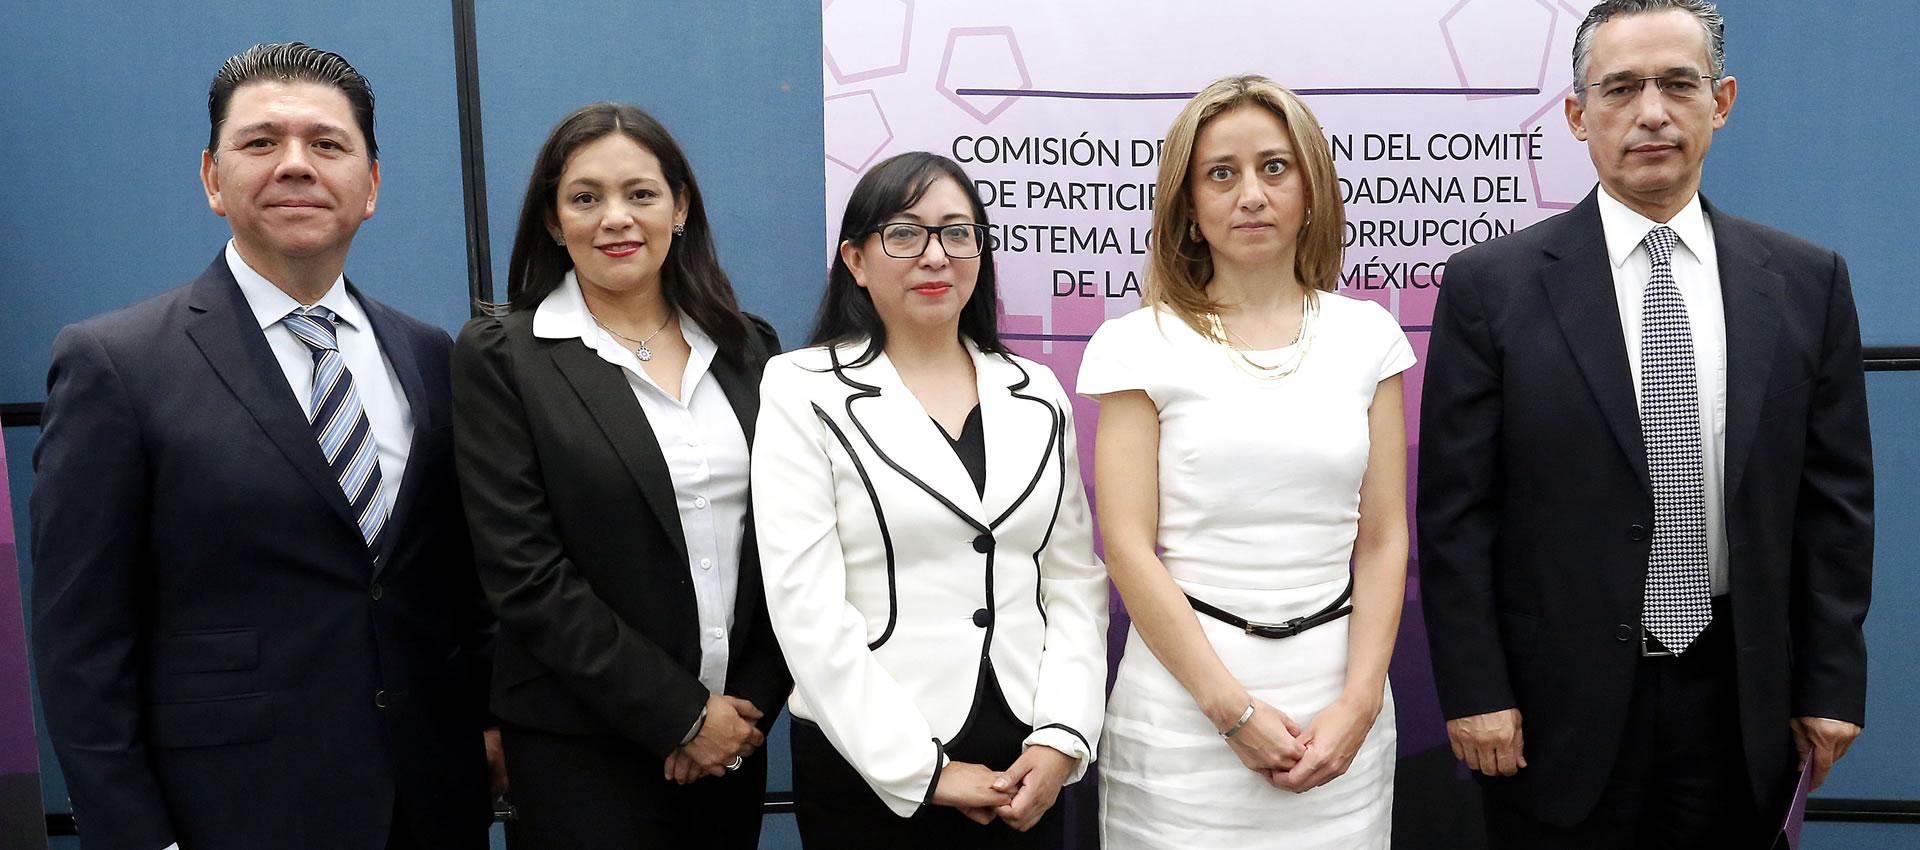 Rinden Protesta las y los Integrantes del Comité de Participación Ciudadana del Sistema Anticorrupción de la CDMX